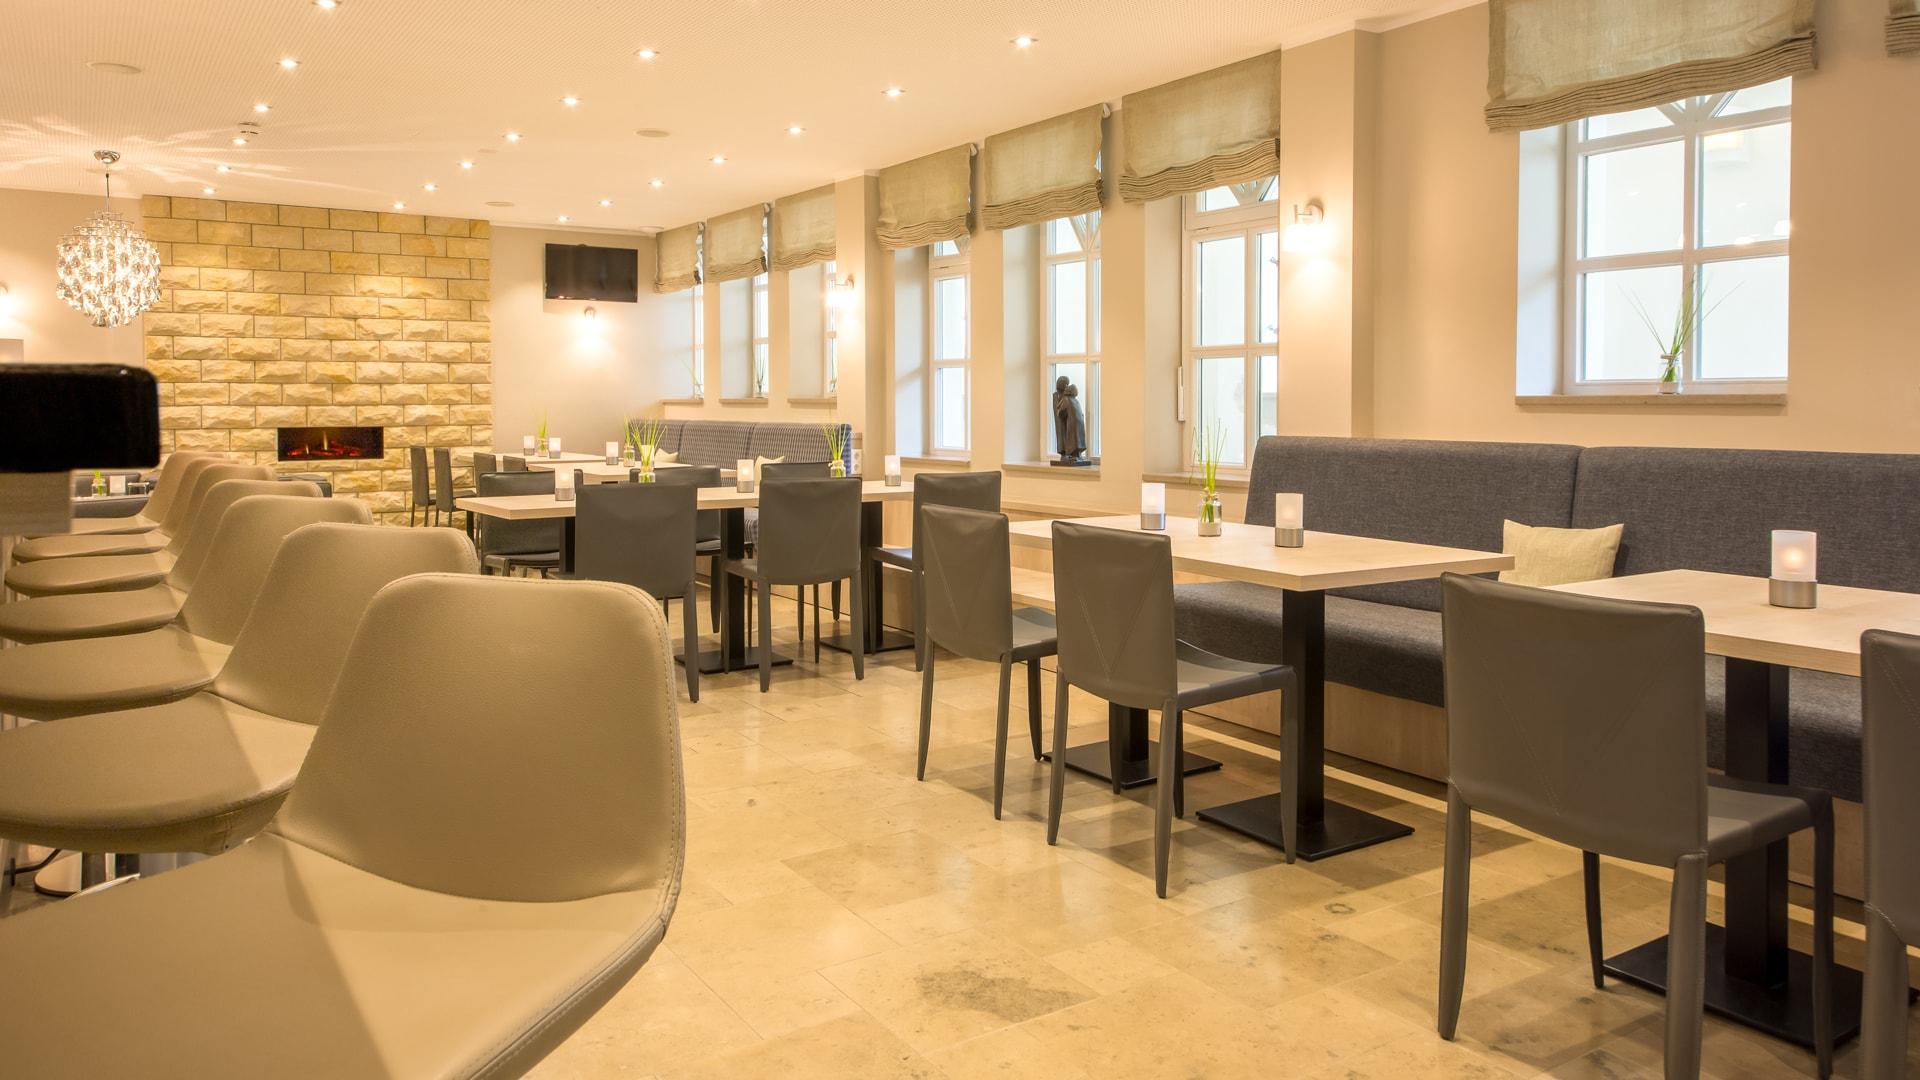 1 Michels_Hotels_Inselhotel_Vier_Jahreszeiten_Seehundbar